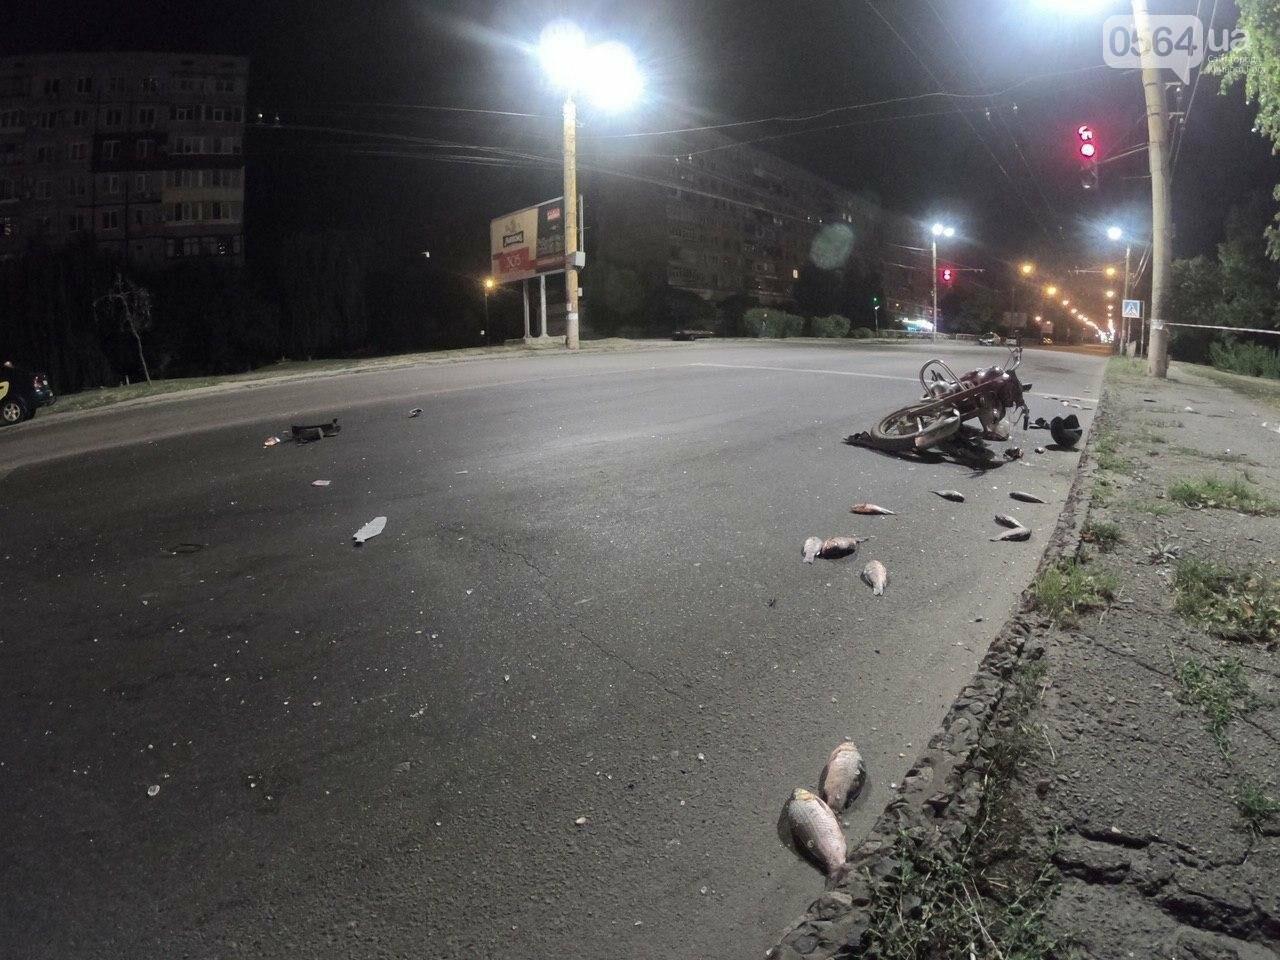 Ночью в Кривом Роге столкнулись легковой автомобиль и мотоцикл. Водитель мотоцикла госпитализирован, - ФОТО, фото-7